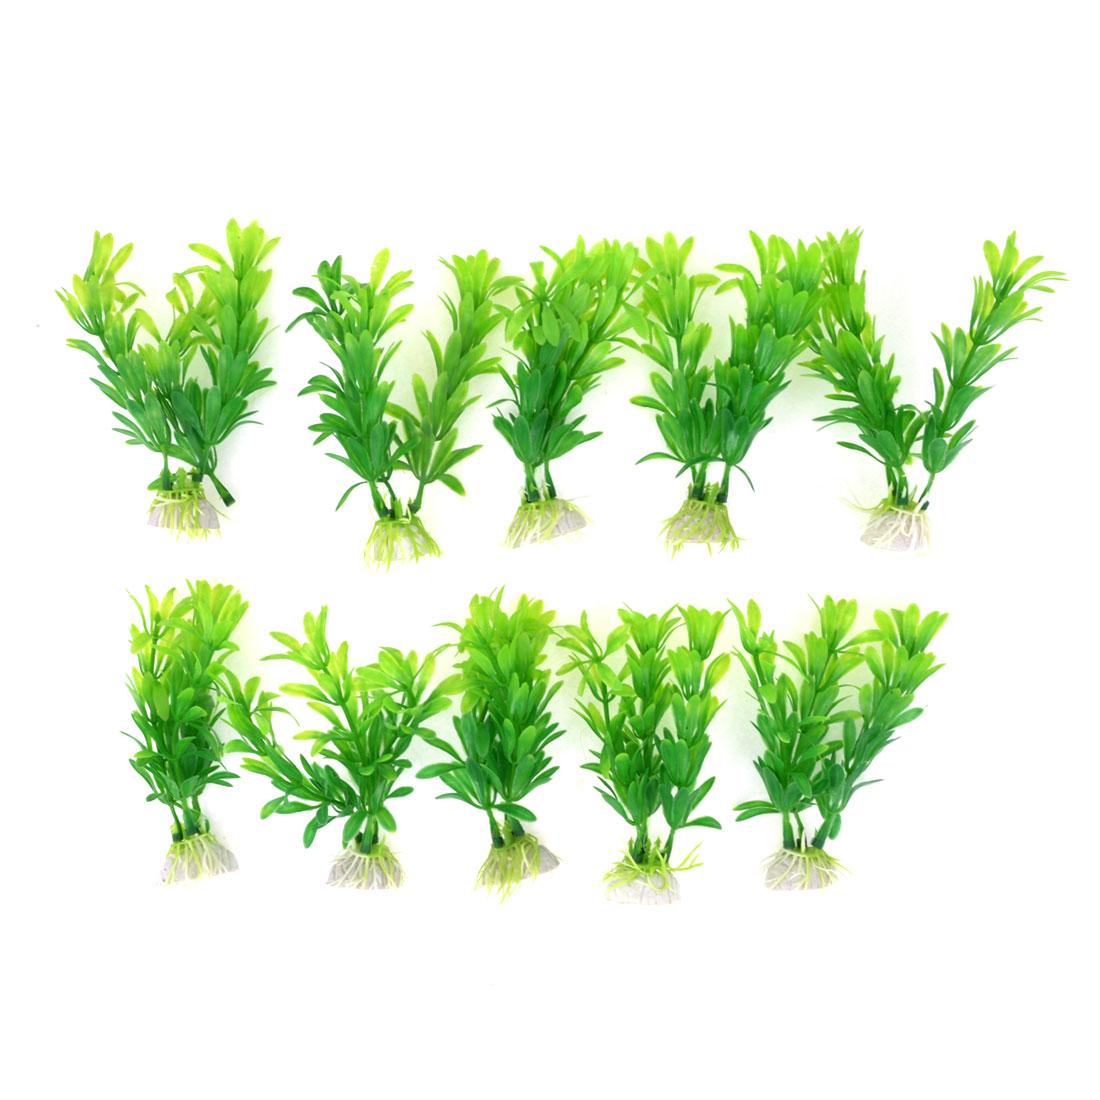 10pcs Green Aquarium Landscaping 10.5cm High Simulated Aquatic Plant Decor